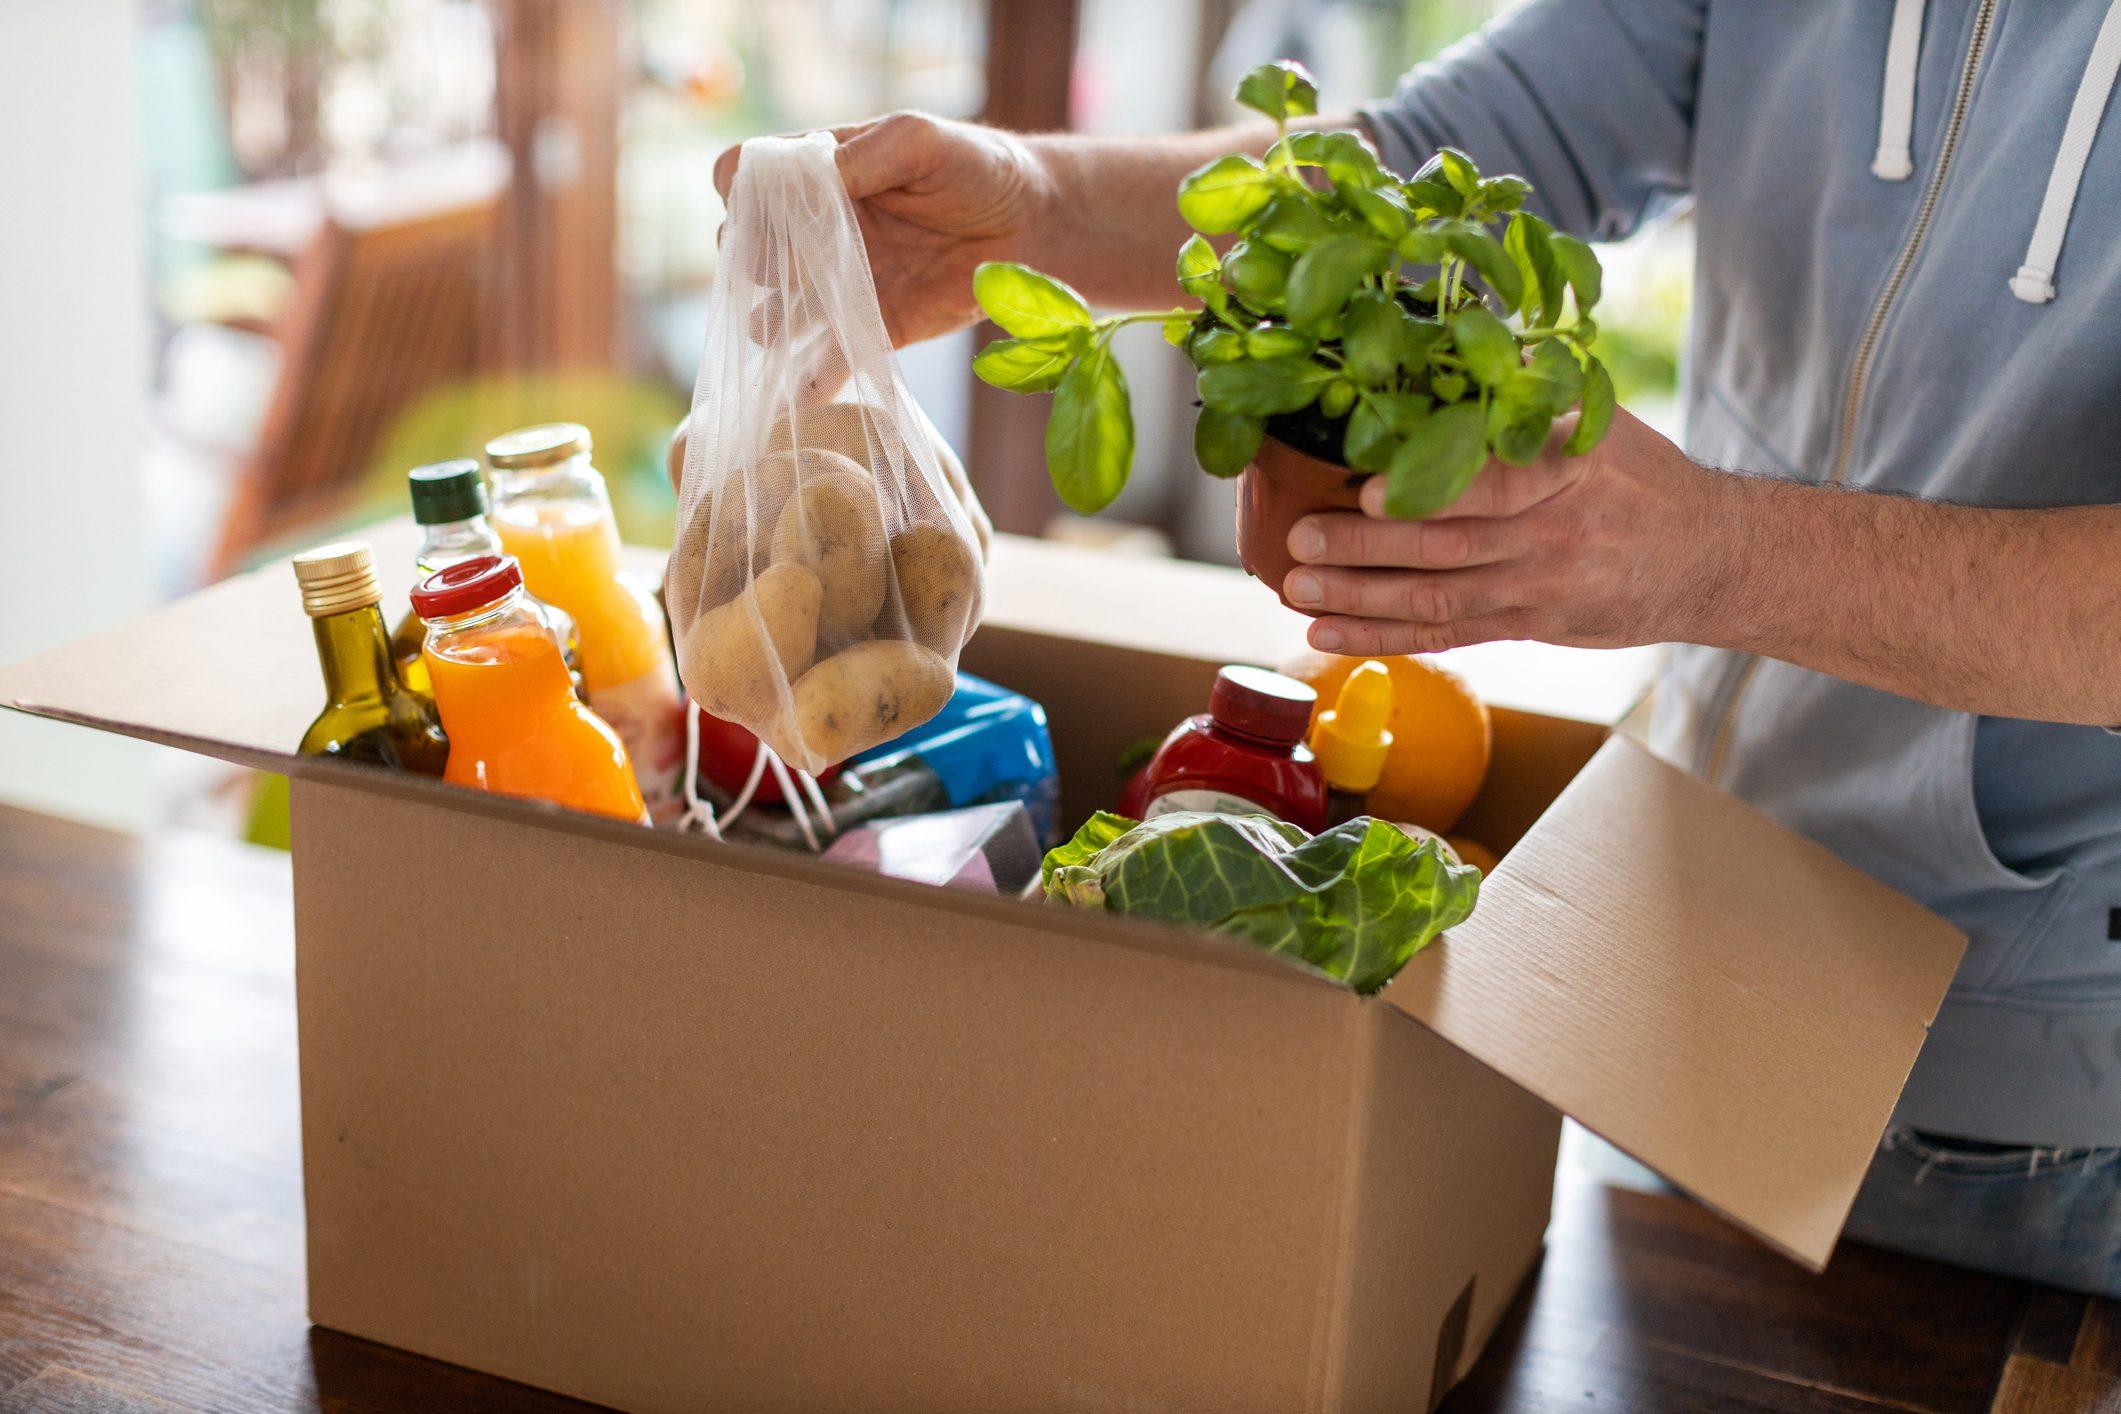 Arriva l'e-commerce del cibo in scadenza: un'idea per combattere lo spreco e risparmiare